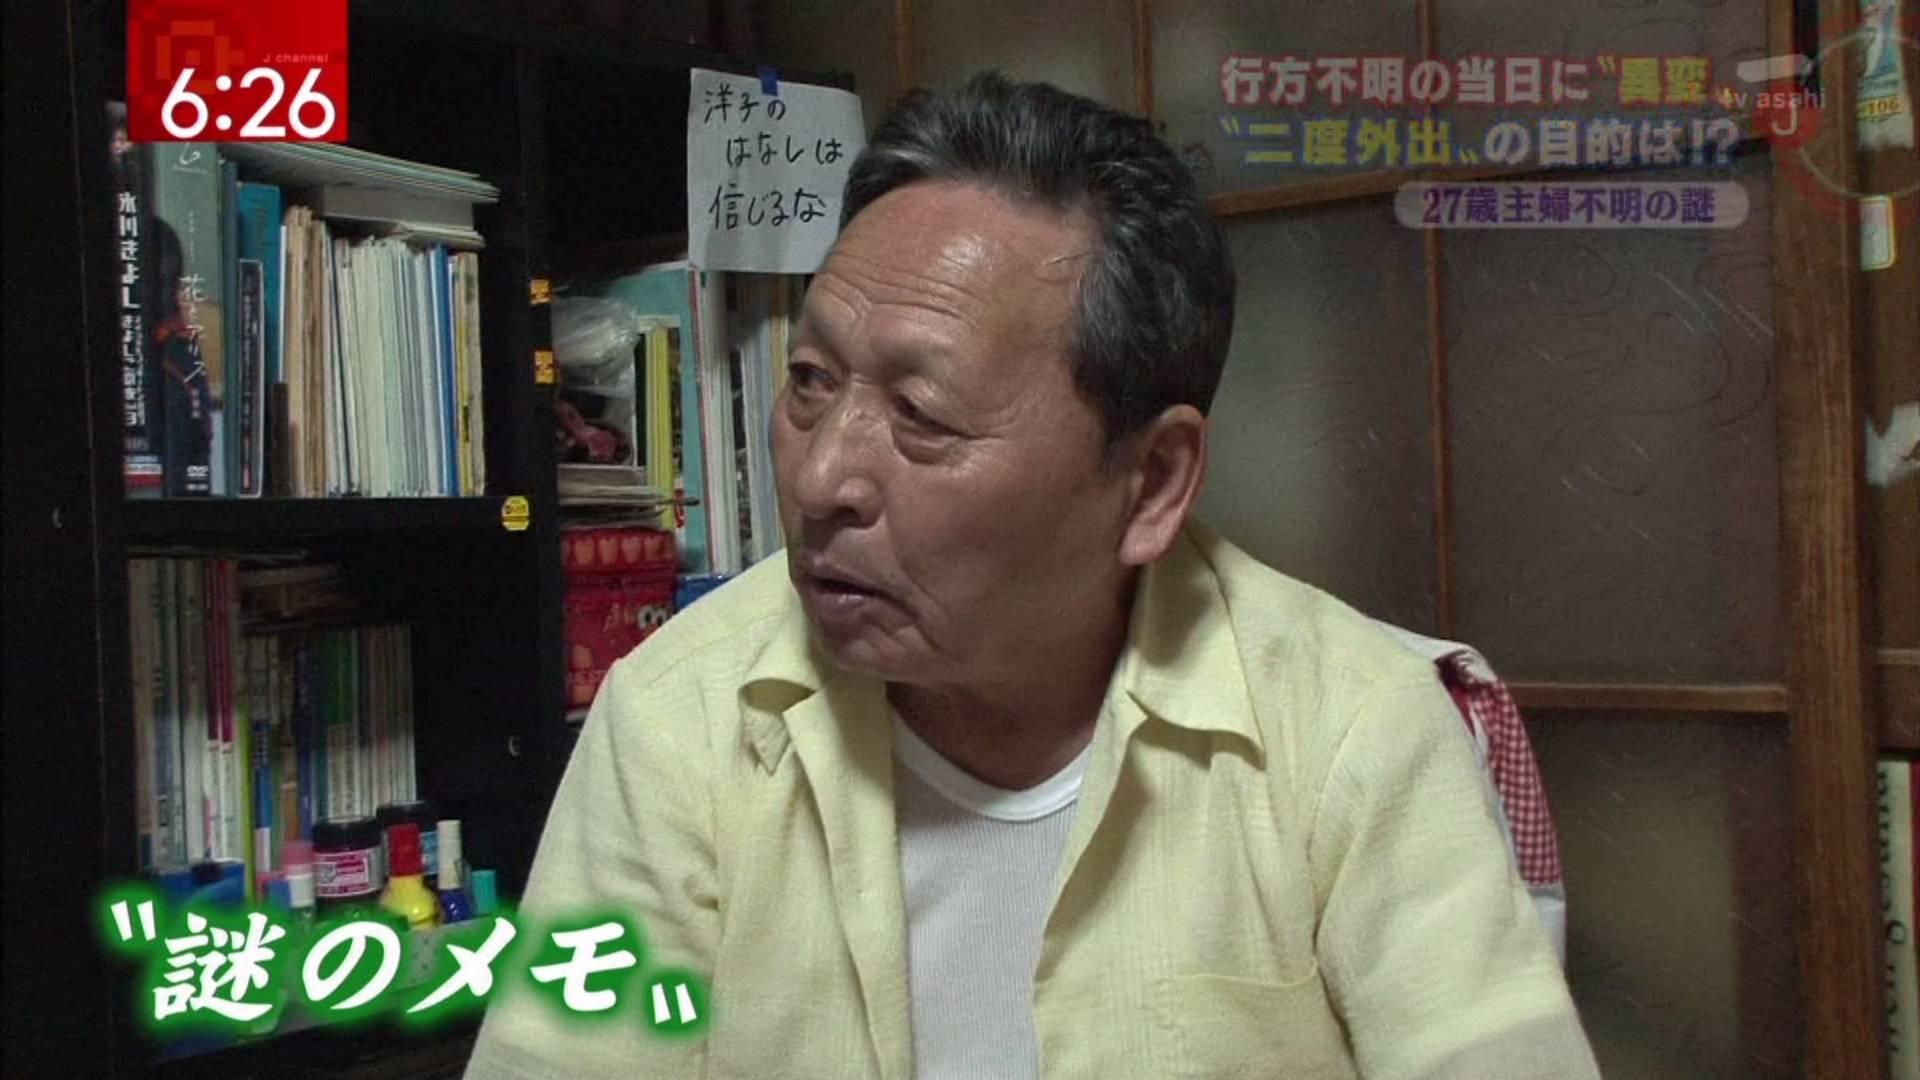 http://livedoor.blogimg.jp/nwknews/imgs/4/7/4743e77e.jpg